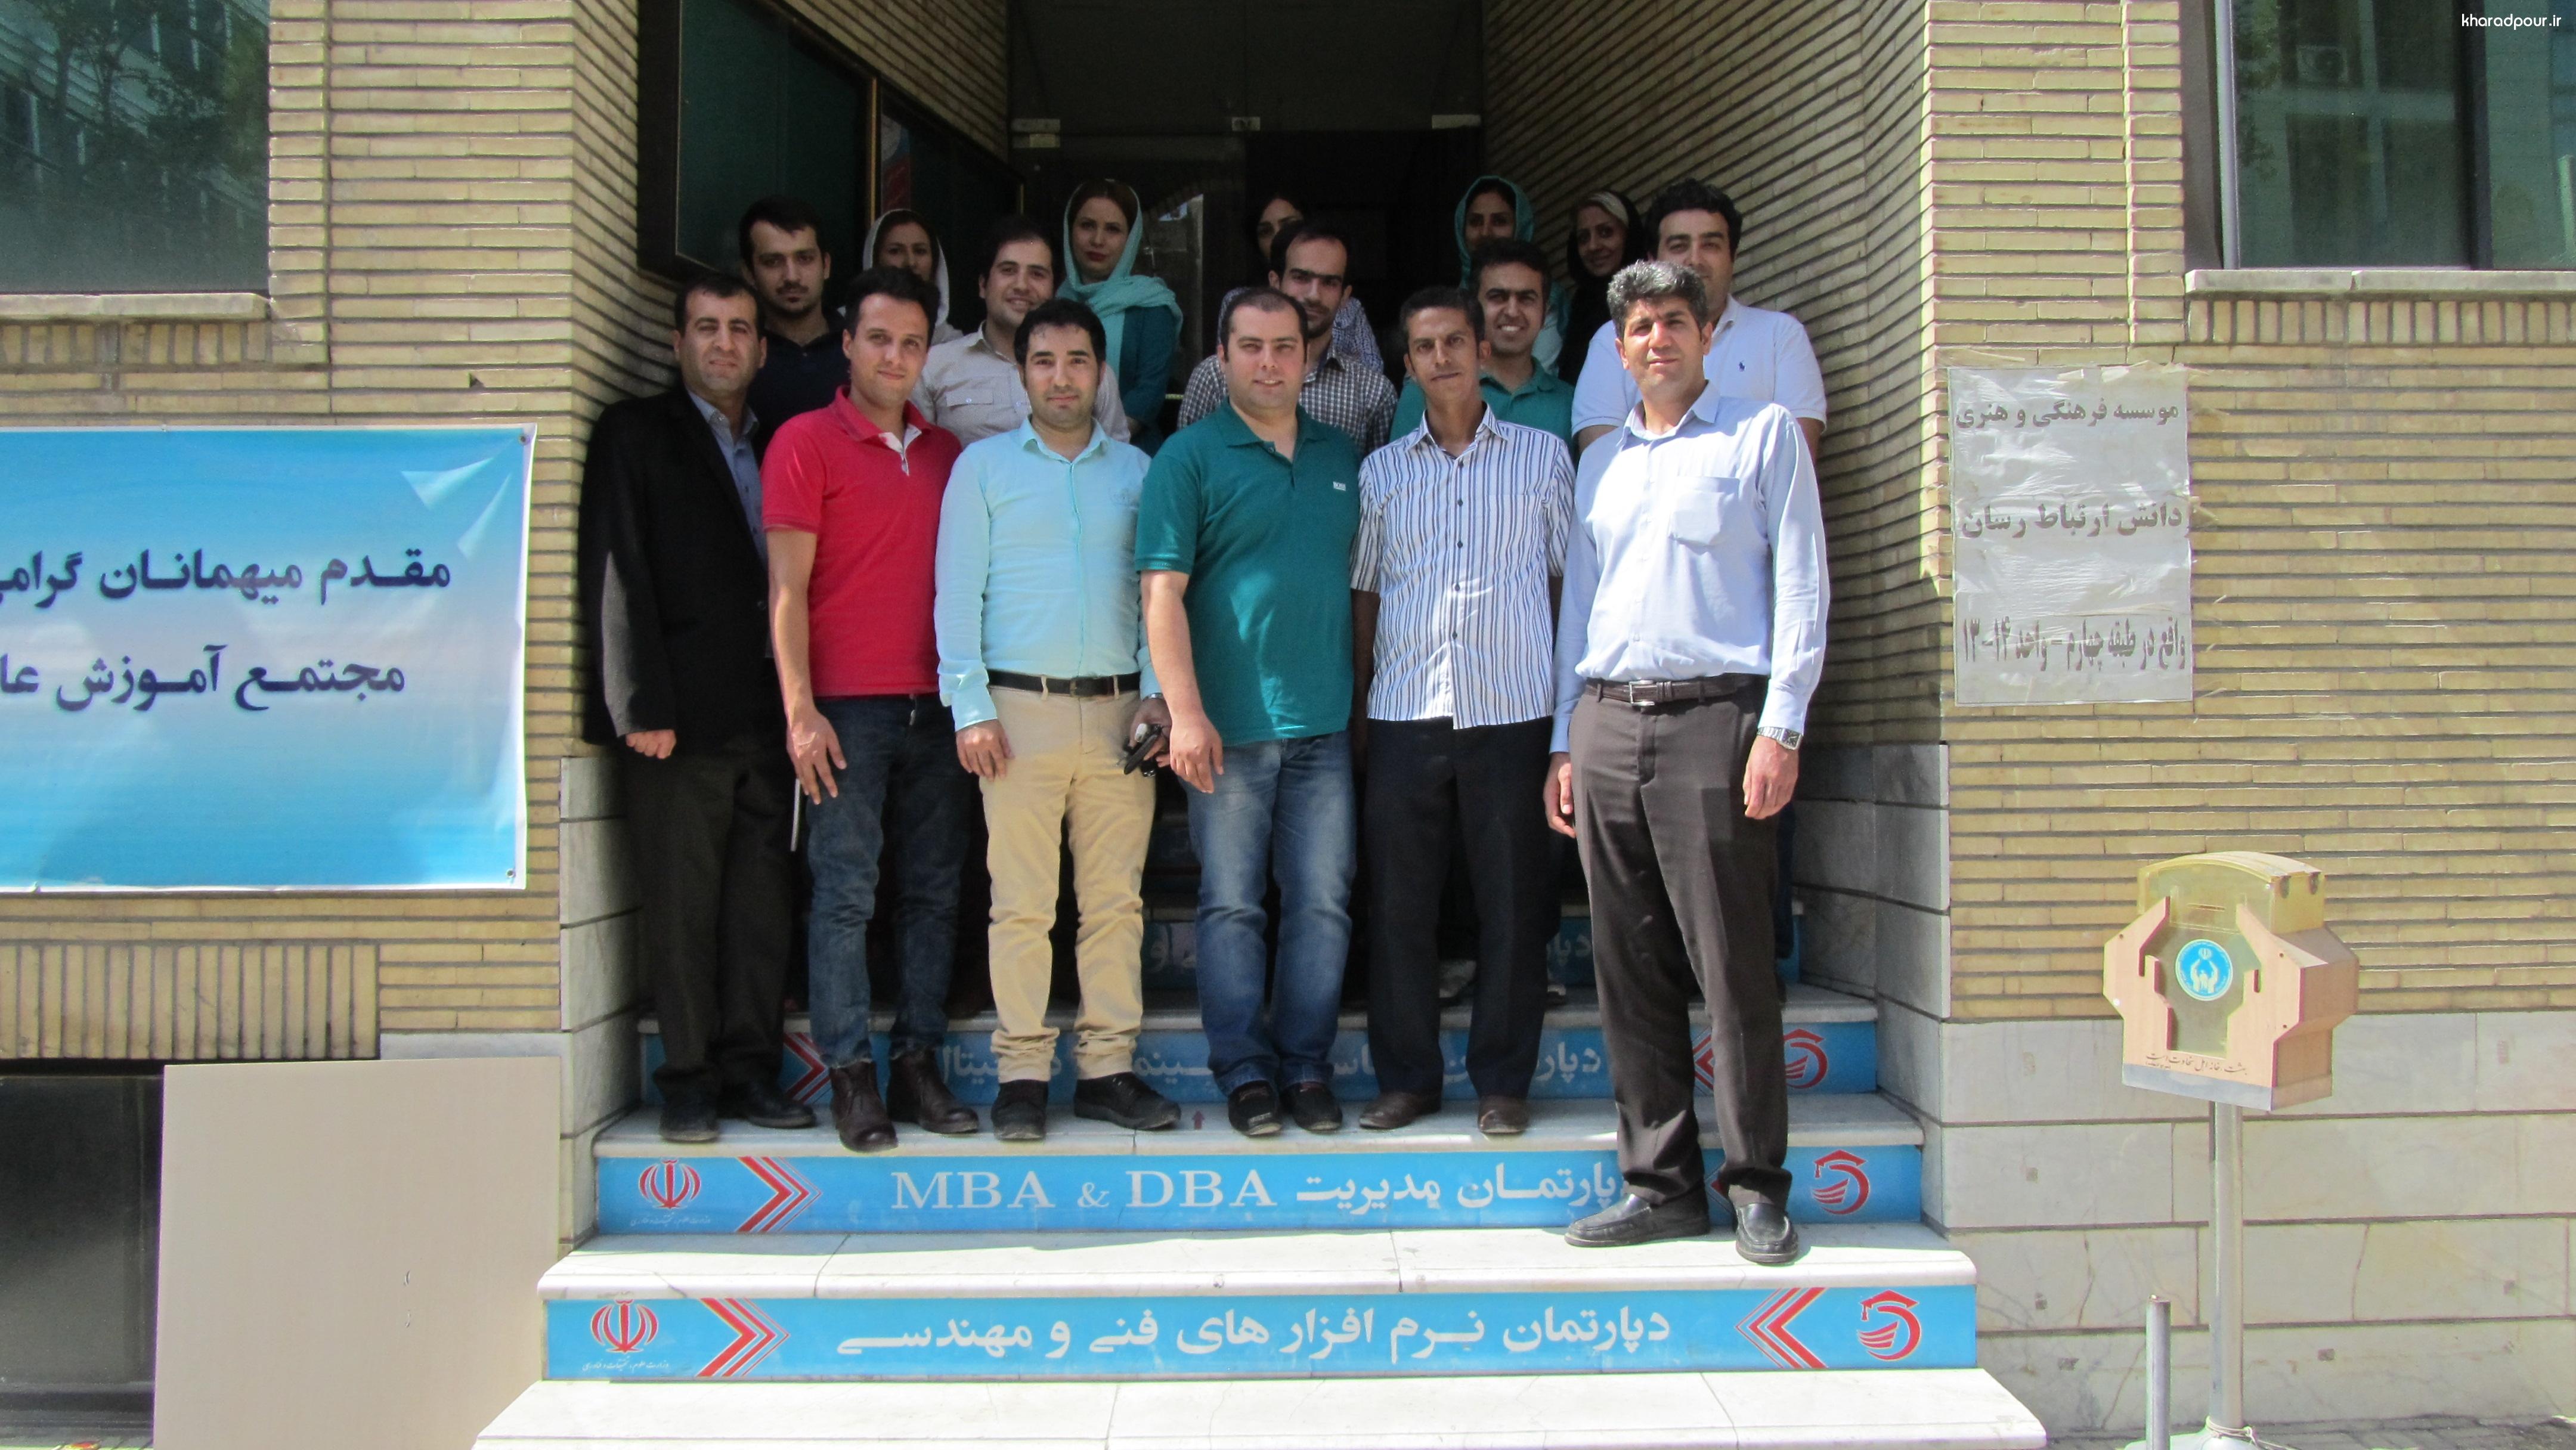 اتمام دوره فشرده MSP موسسه آرمان 16-17-18 تیر 1395